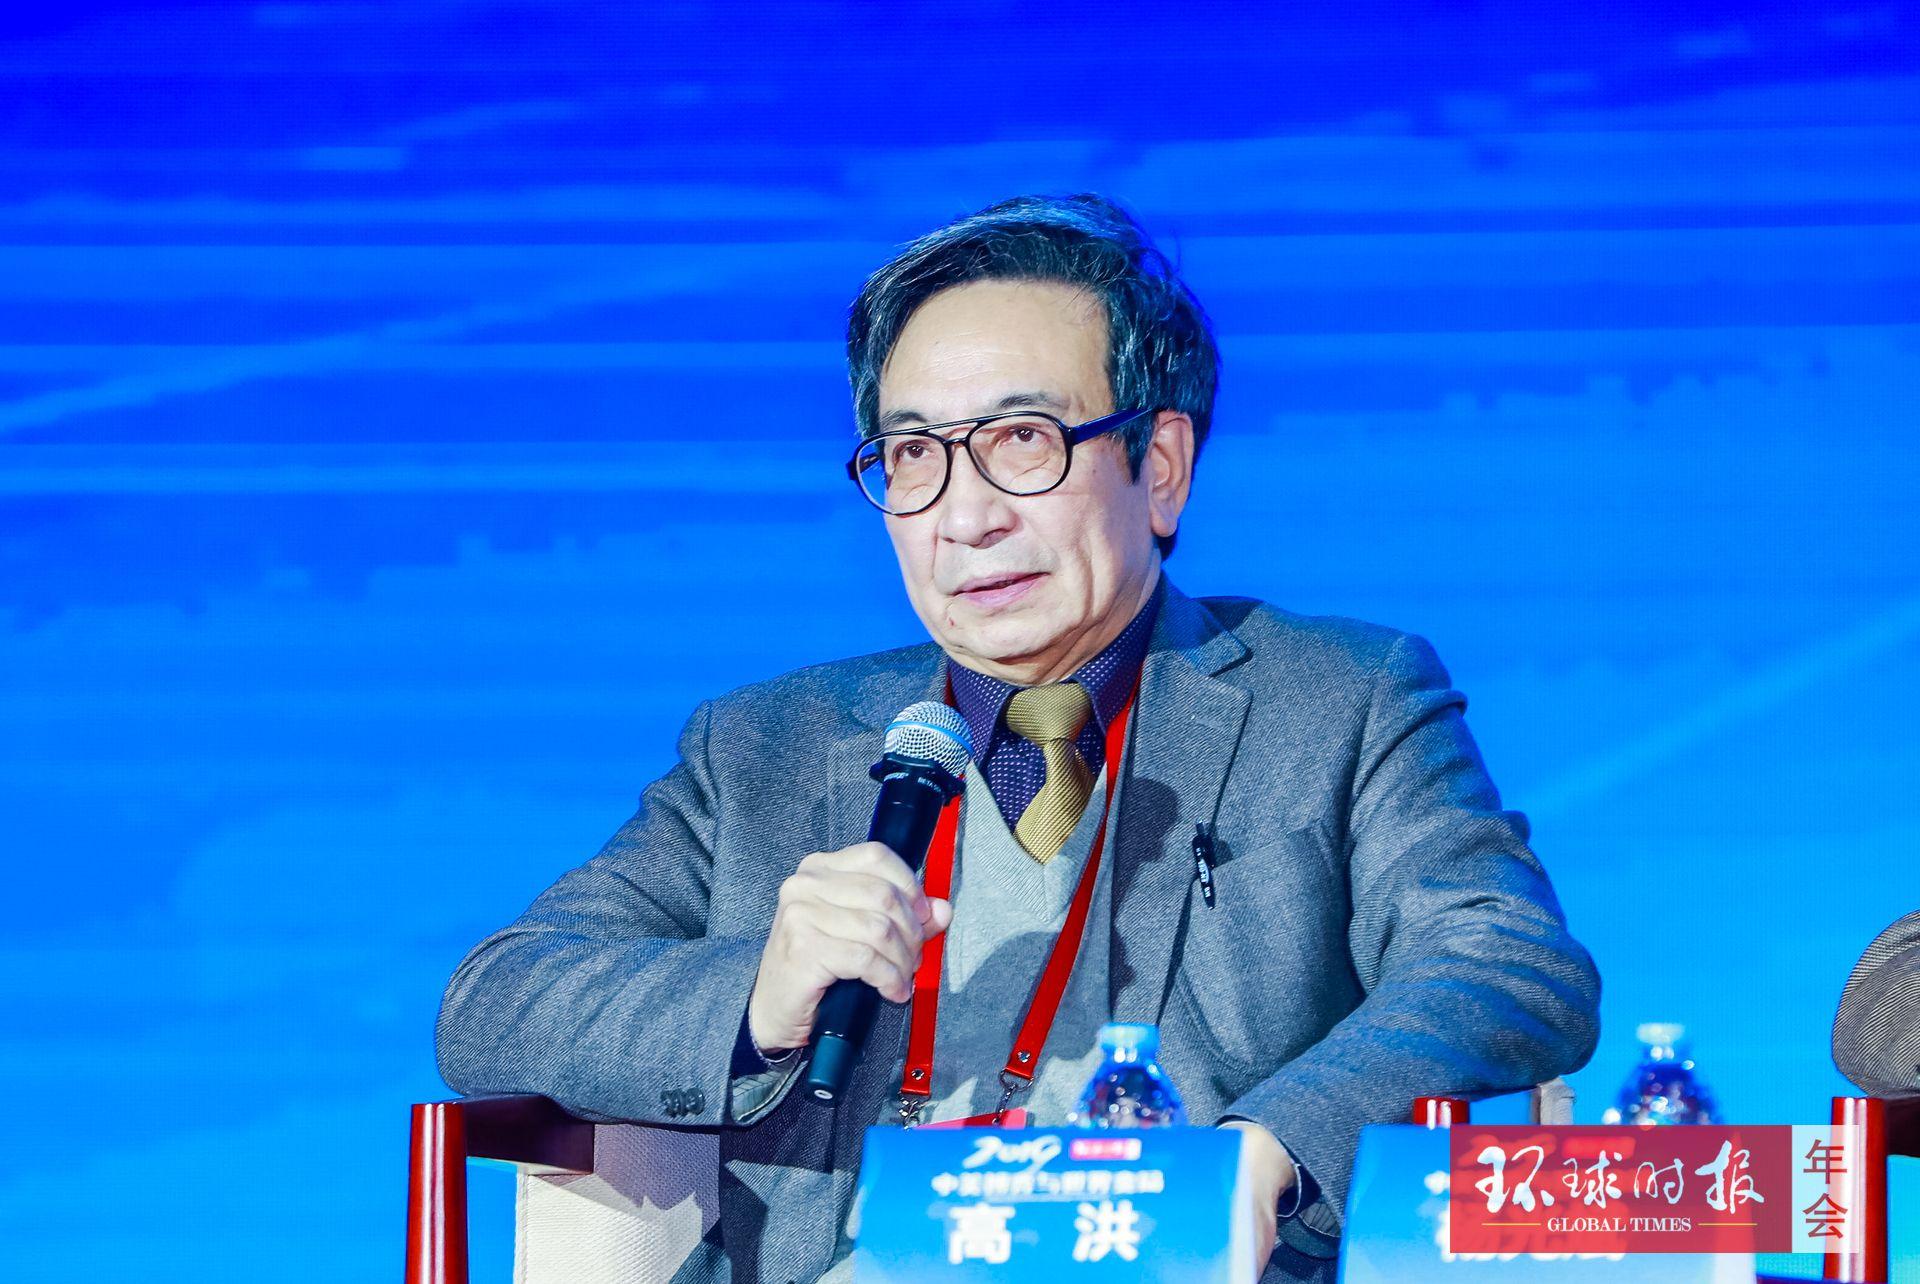 高洪:日本和西方对中国在高新科技领域崛起的警惕有温差